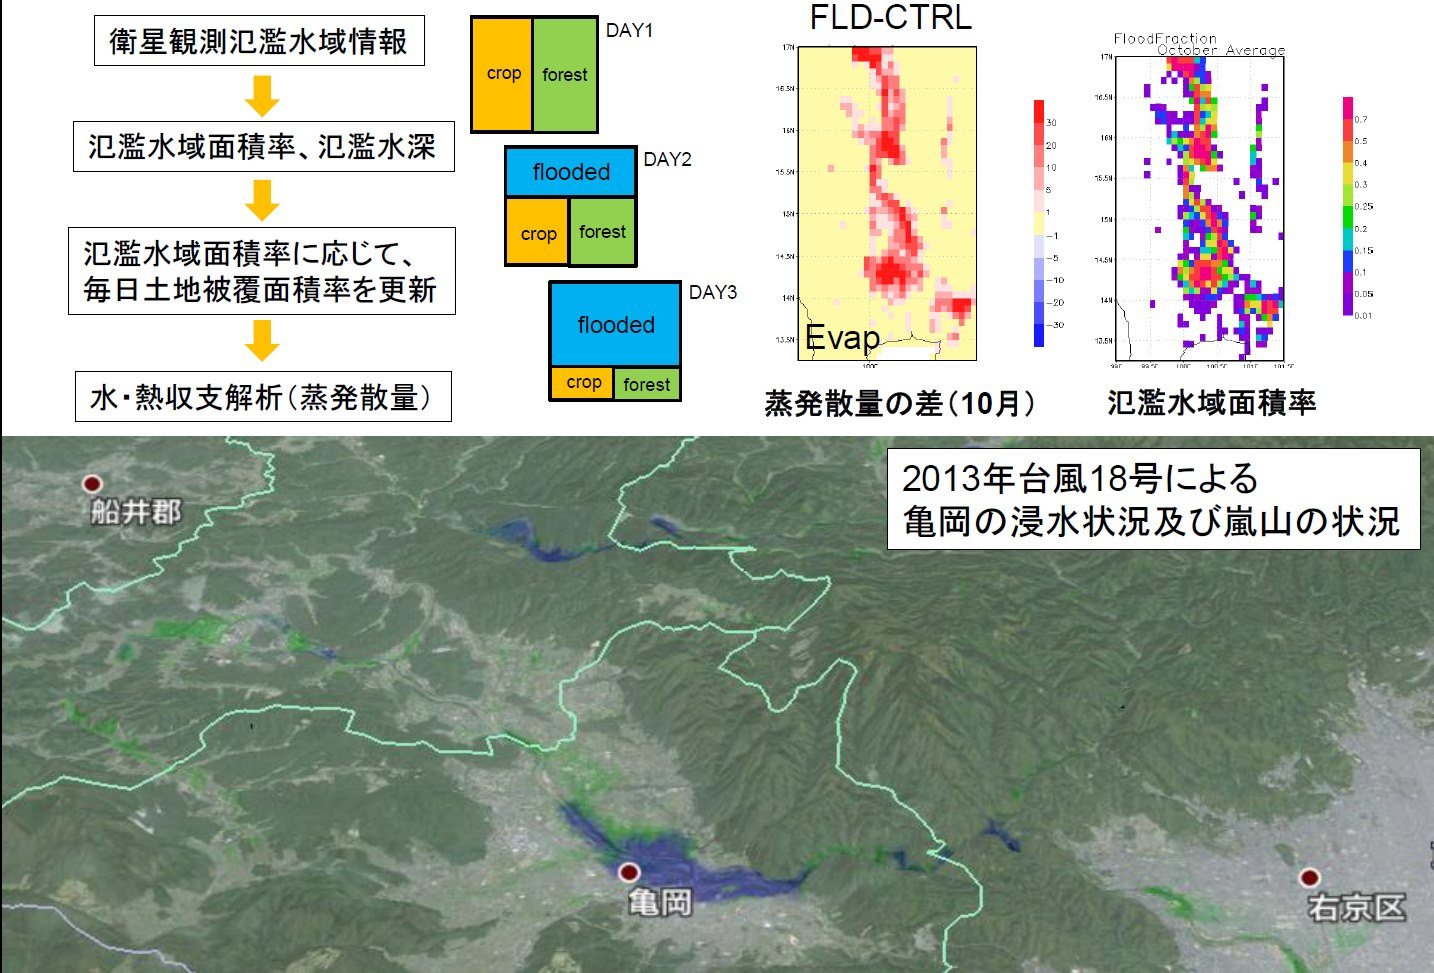 陸面過程モデルへの衛星観測氾濫水域情報の導入